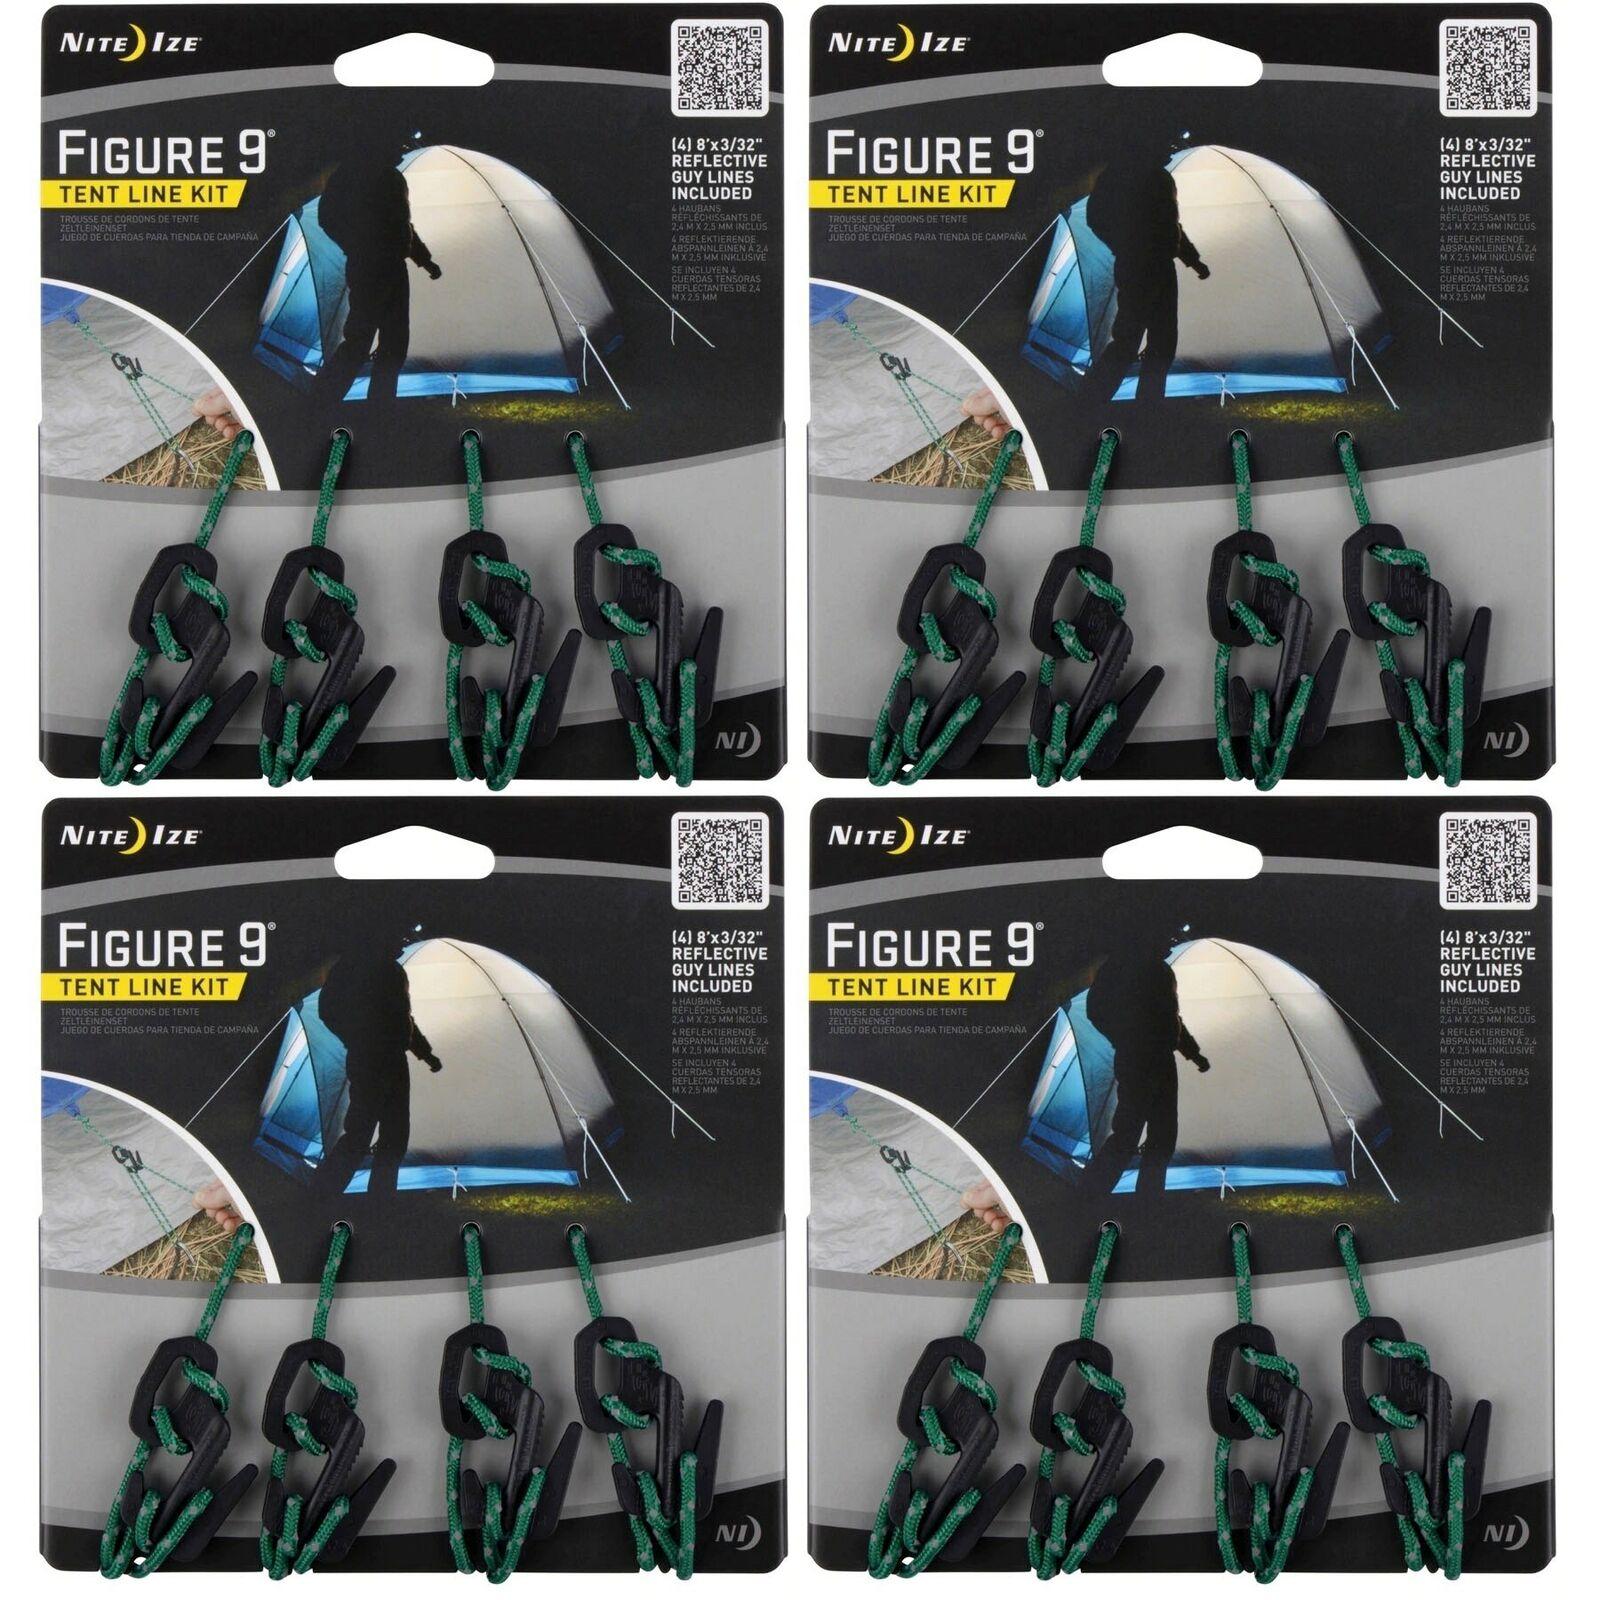 Nite Ize Figura 9 tienda línea Kit 4-Piece  Reflectante Línea De Cuerda Con Tensores Paquete de 4  tienda de venta